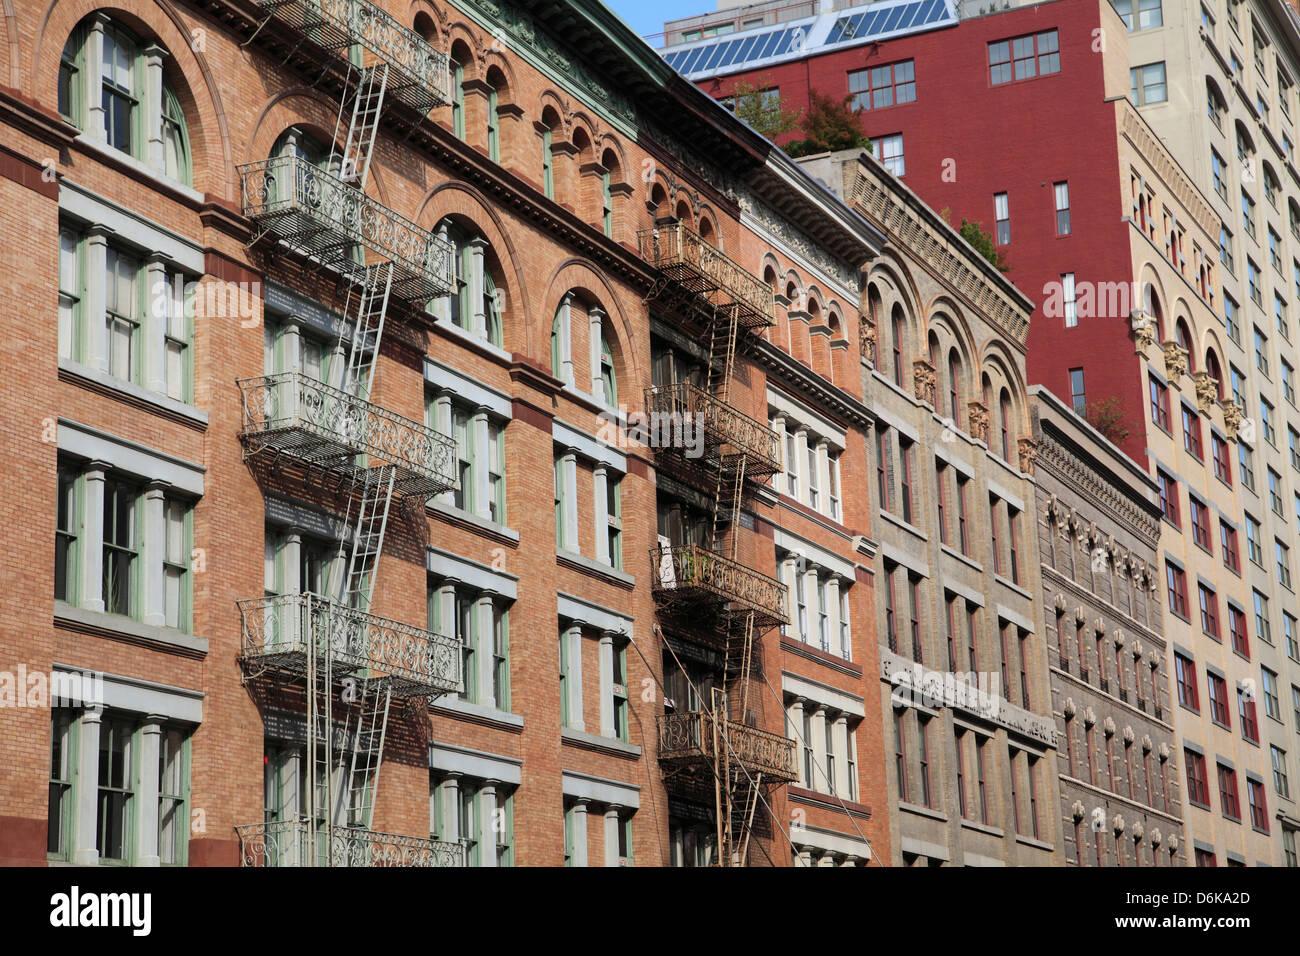 Loft-Gebäude, Tribeca, Manhattan, New York City, Vereinigte Staaten von Amerika, Nordamerika Stockbild